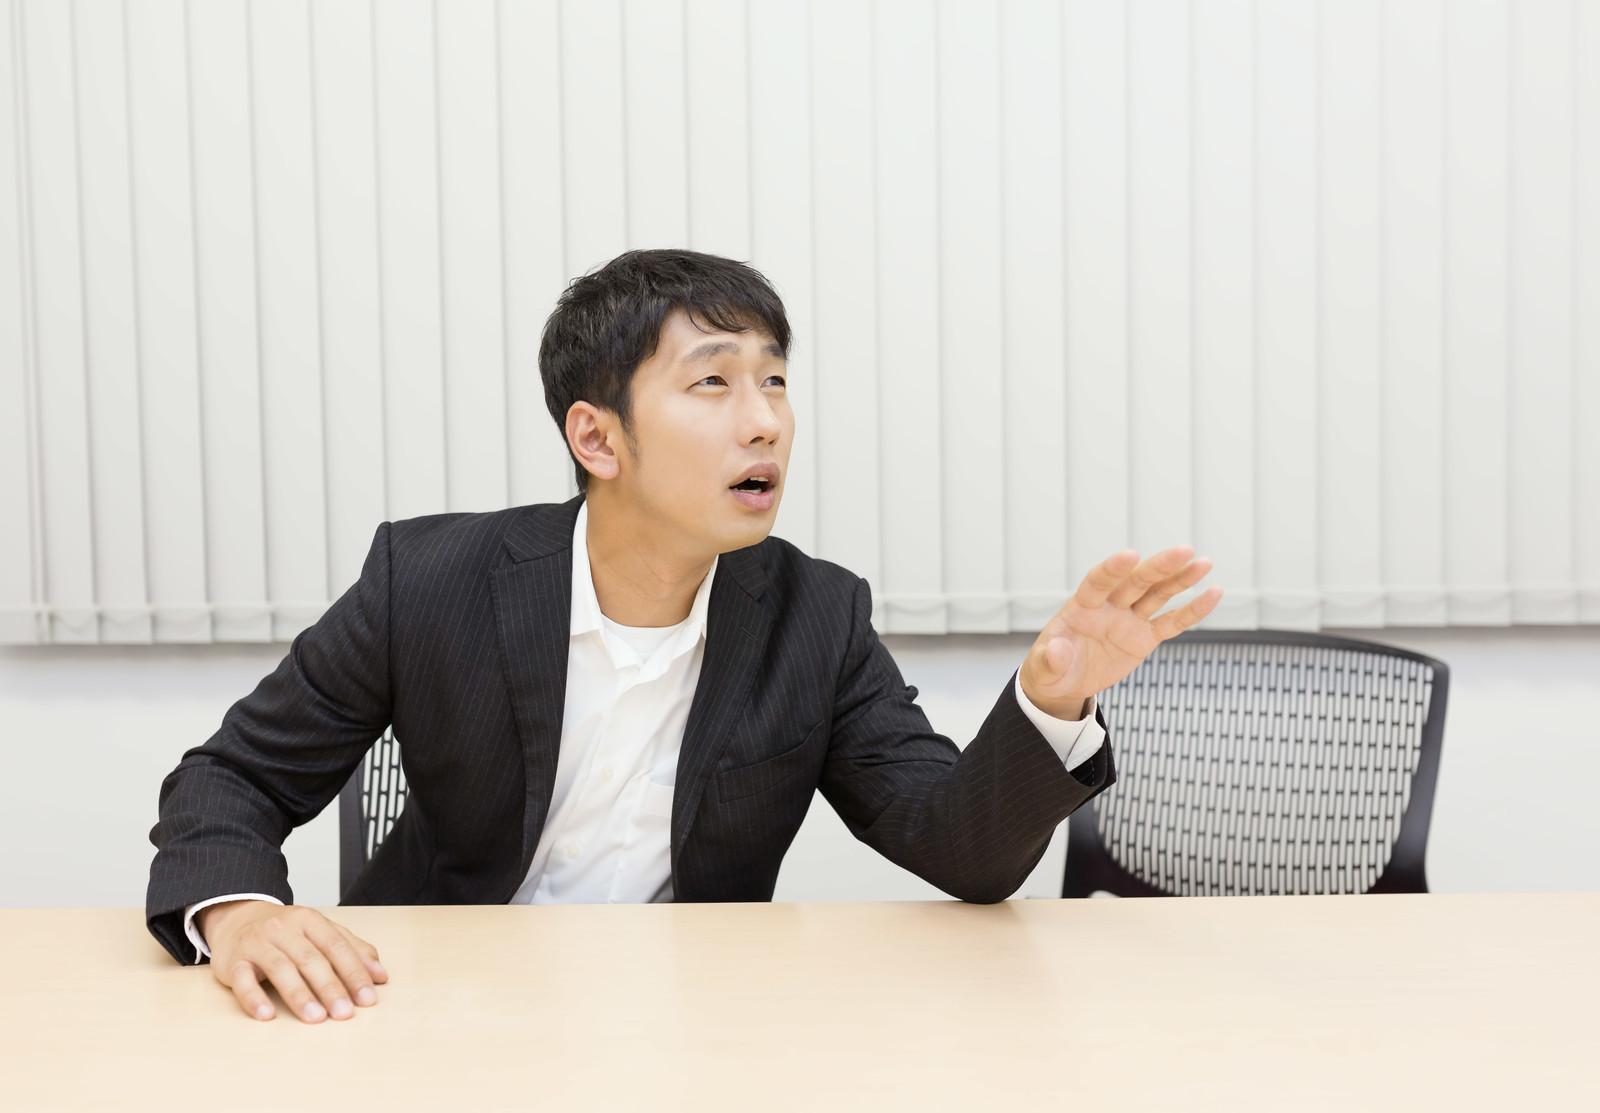 部下のモチベーションを上げることができない上司の画像